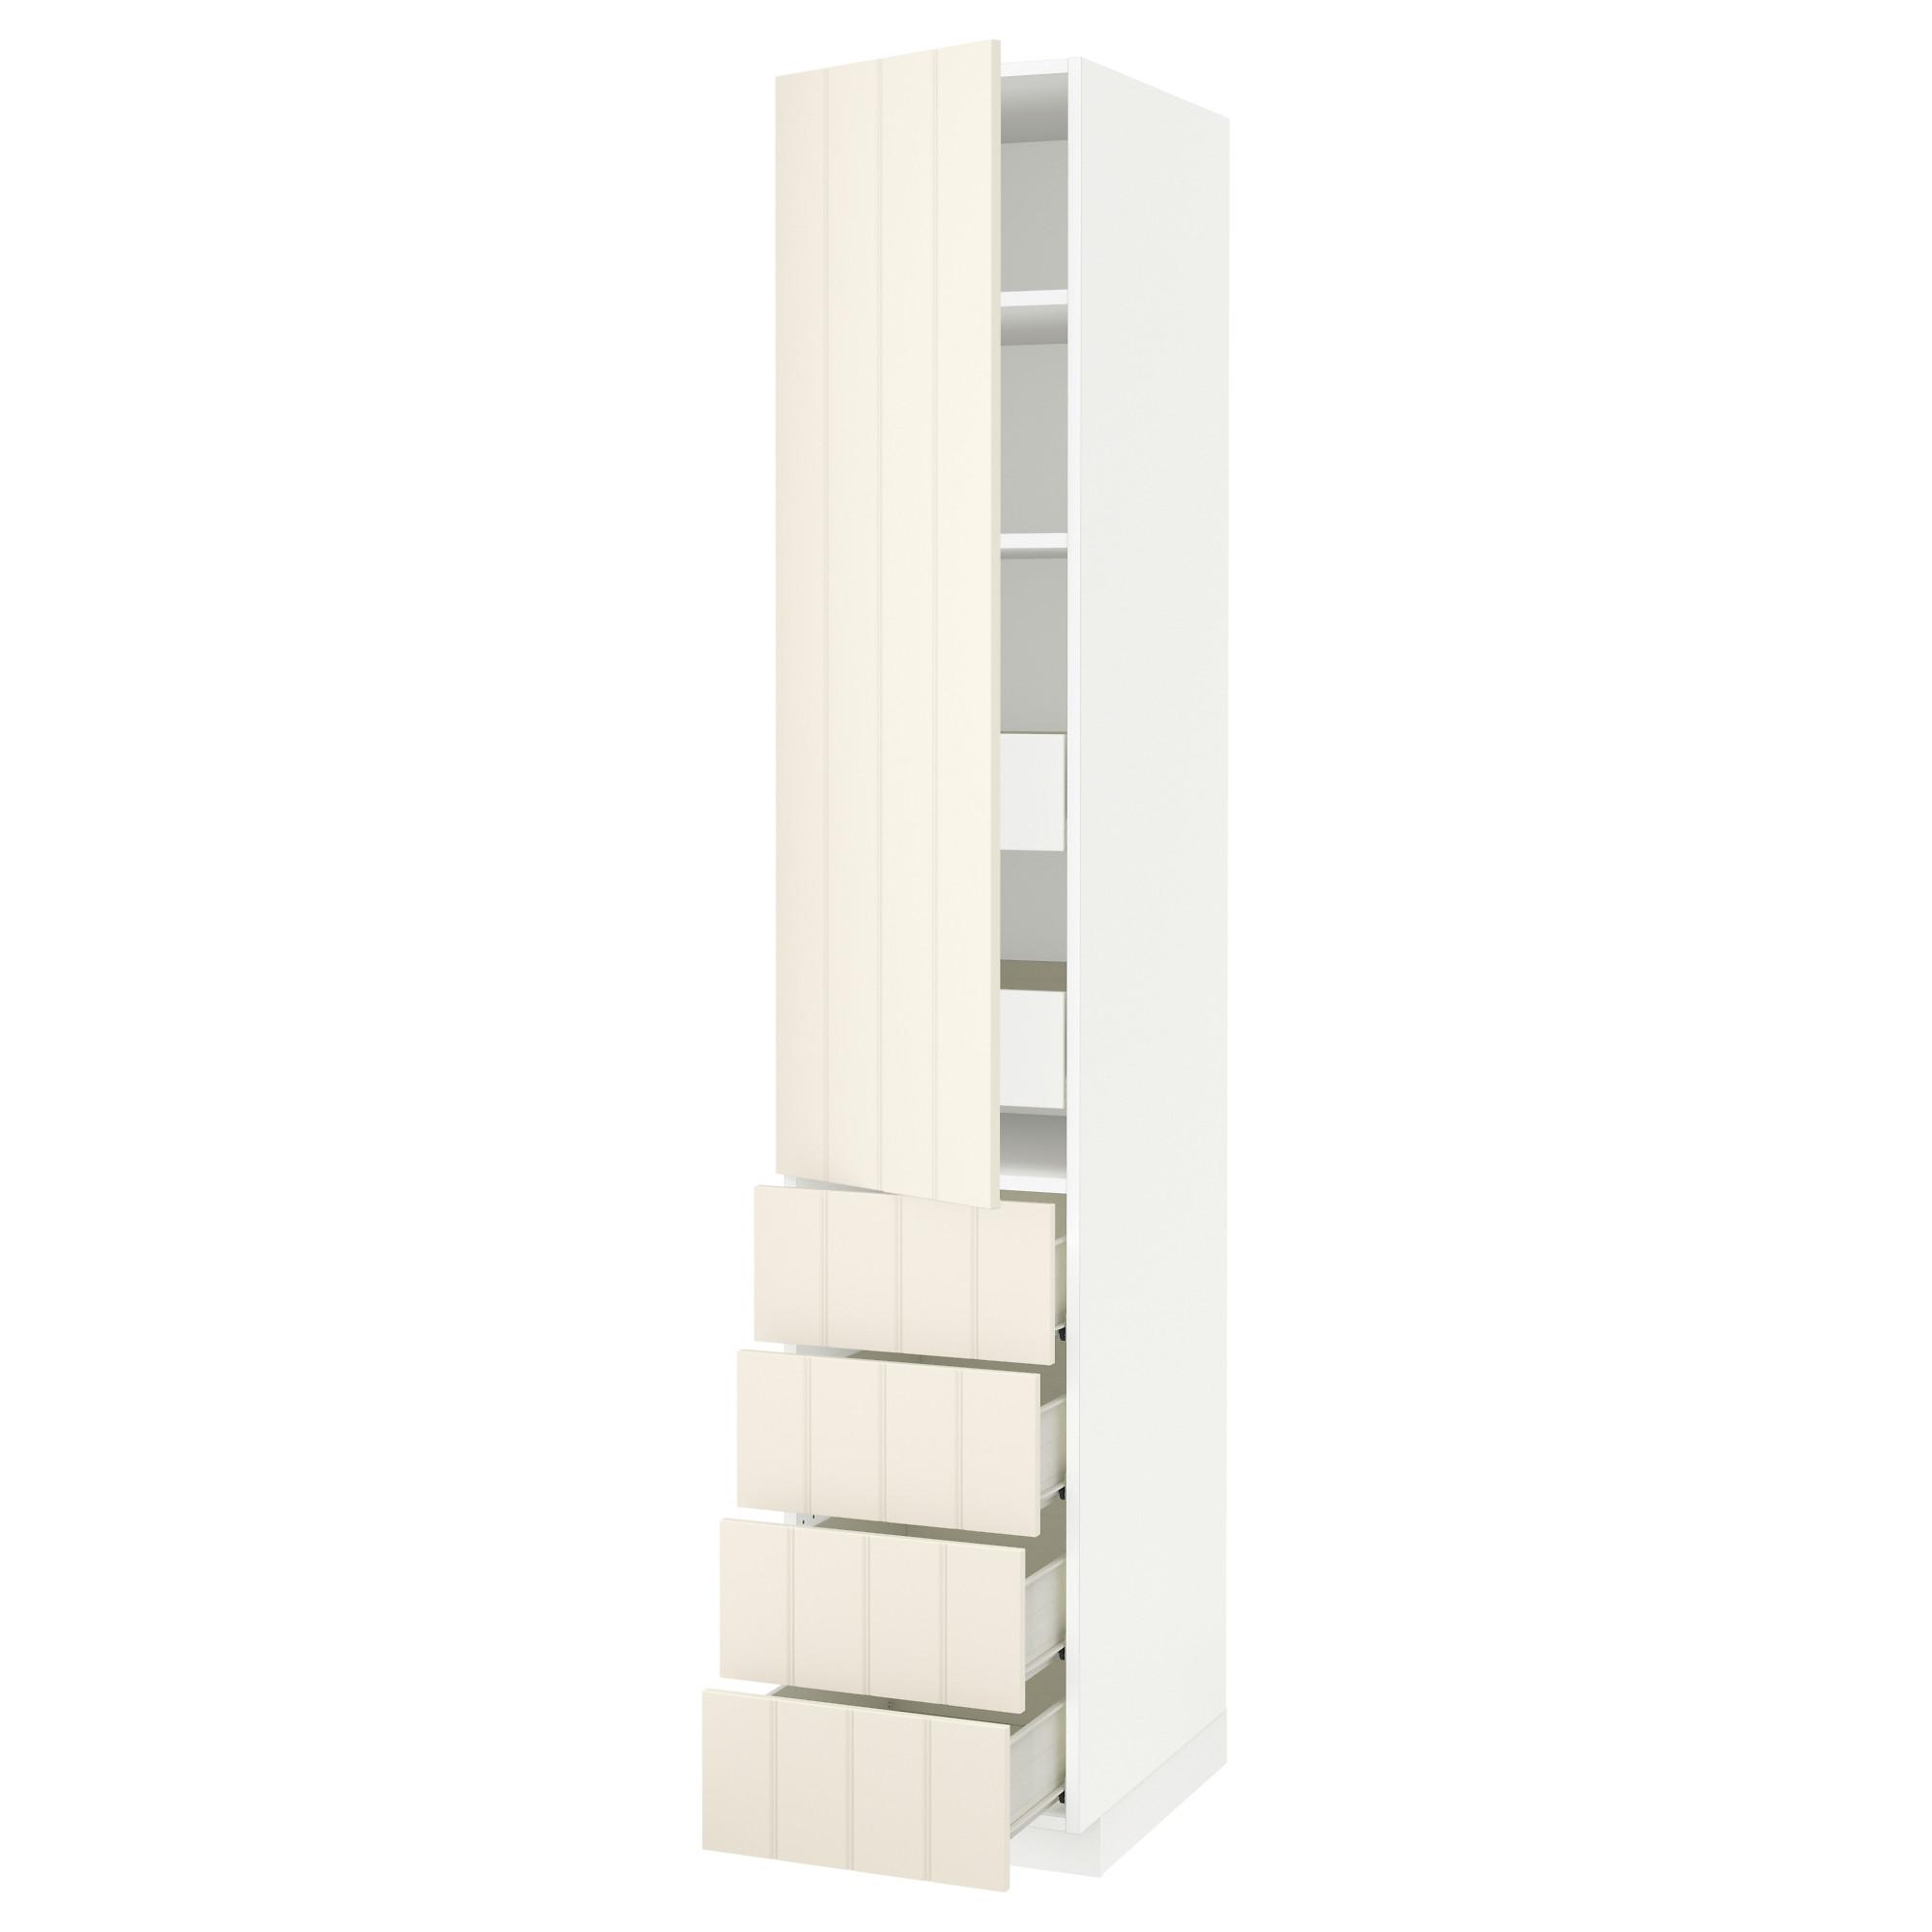 Высокий шкаф с полками/6 ящик, дверцами, 4 фронтальные панели МЕТОД / ФОРВАРА белый артикуль № 092.619.41 в наличии. Онлайн сайт IKEA Республика Беларусь. Быстрая доставка и монтаж.